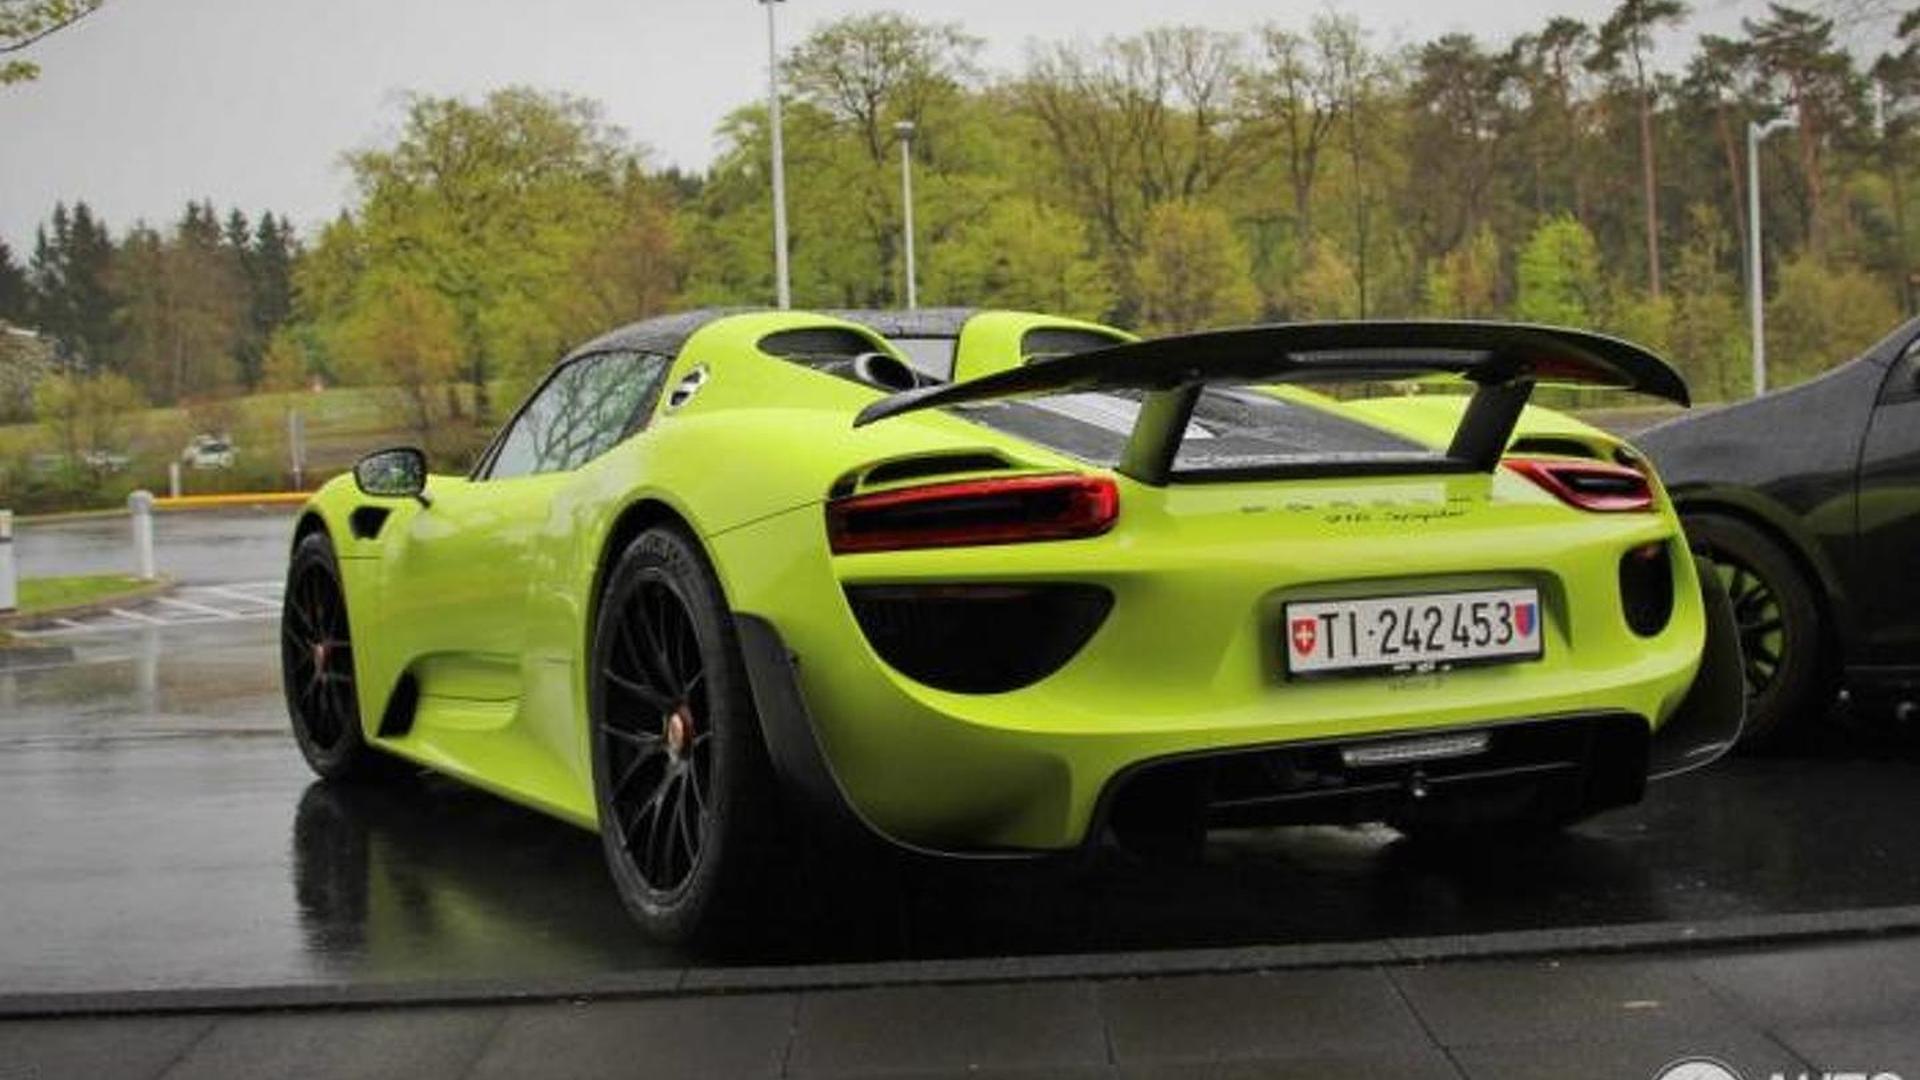 2015-566128-lime-green-porsche-918-spyder-weissach1 Gorgeous Porsche 918 Spyder Acid Green Cars Trend